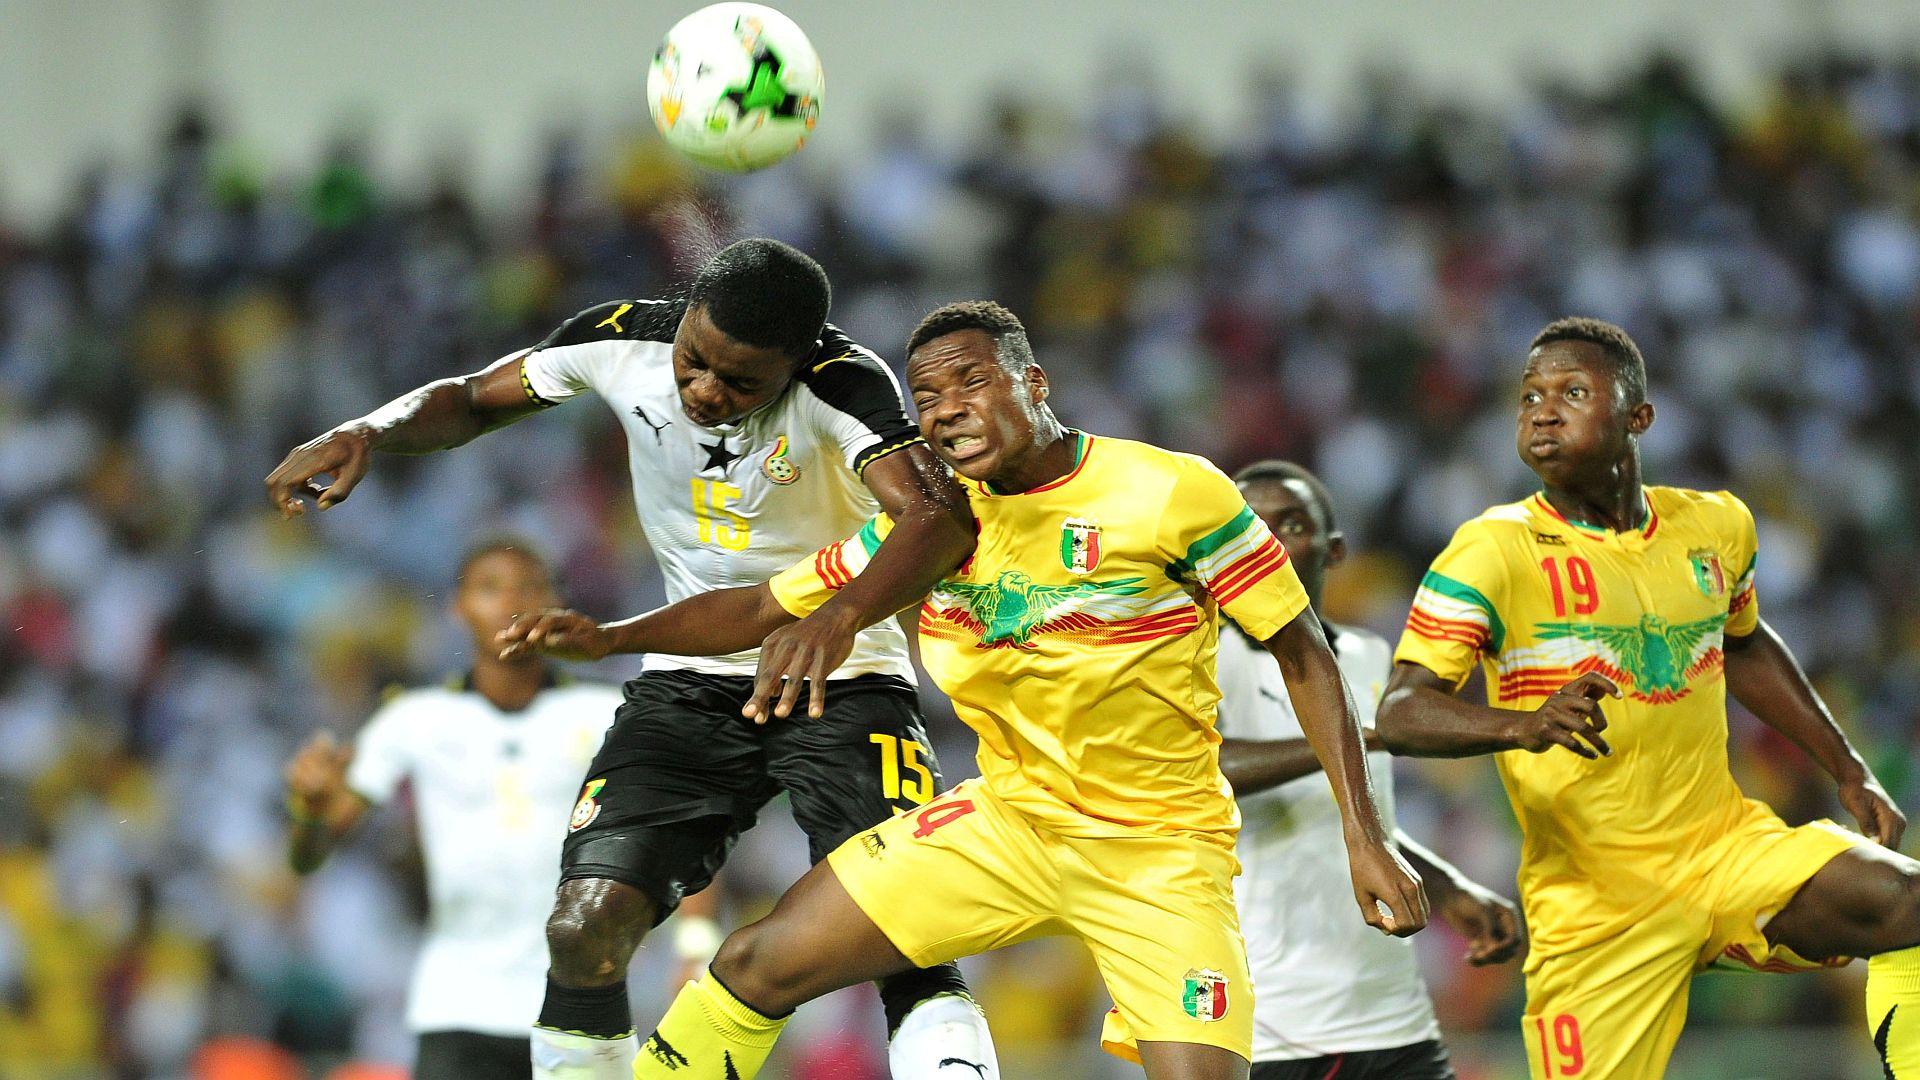 Ghana U17 v Mali U17